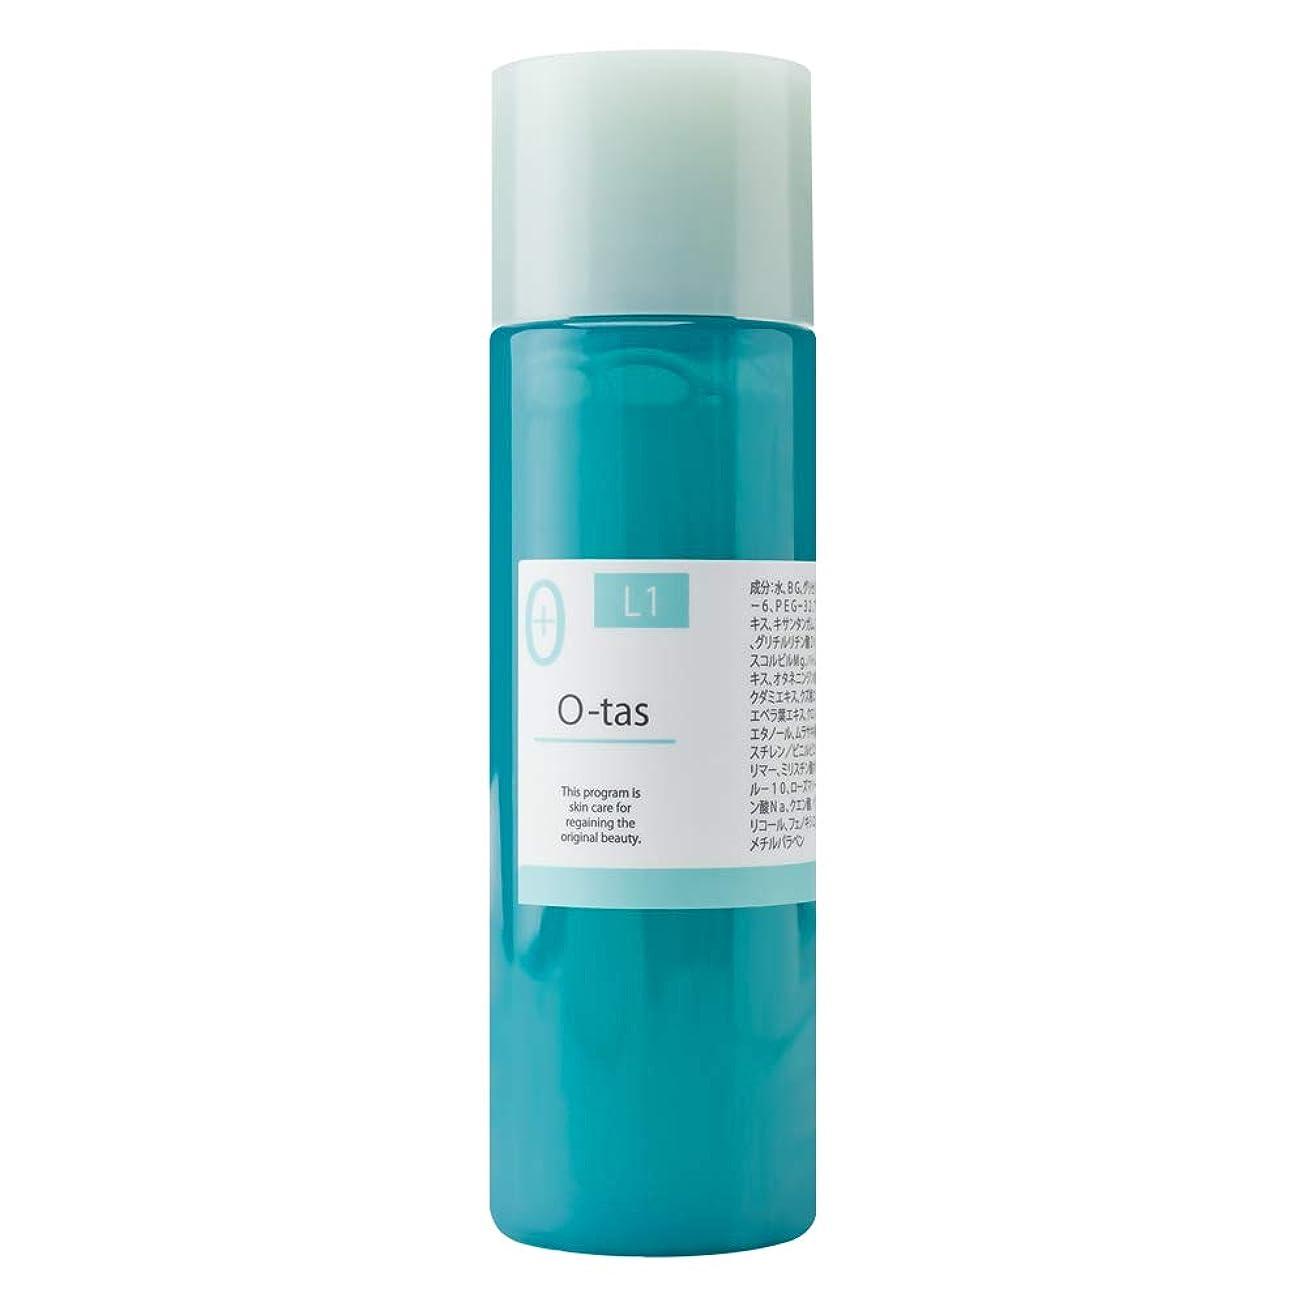 引用融合ほかにオータス ホワイトプロ ローション 100ml 無添加 化粧水 スキンケア フェイスケア 保湿 L1